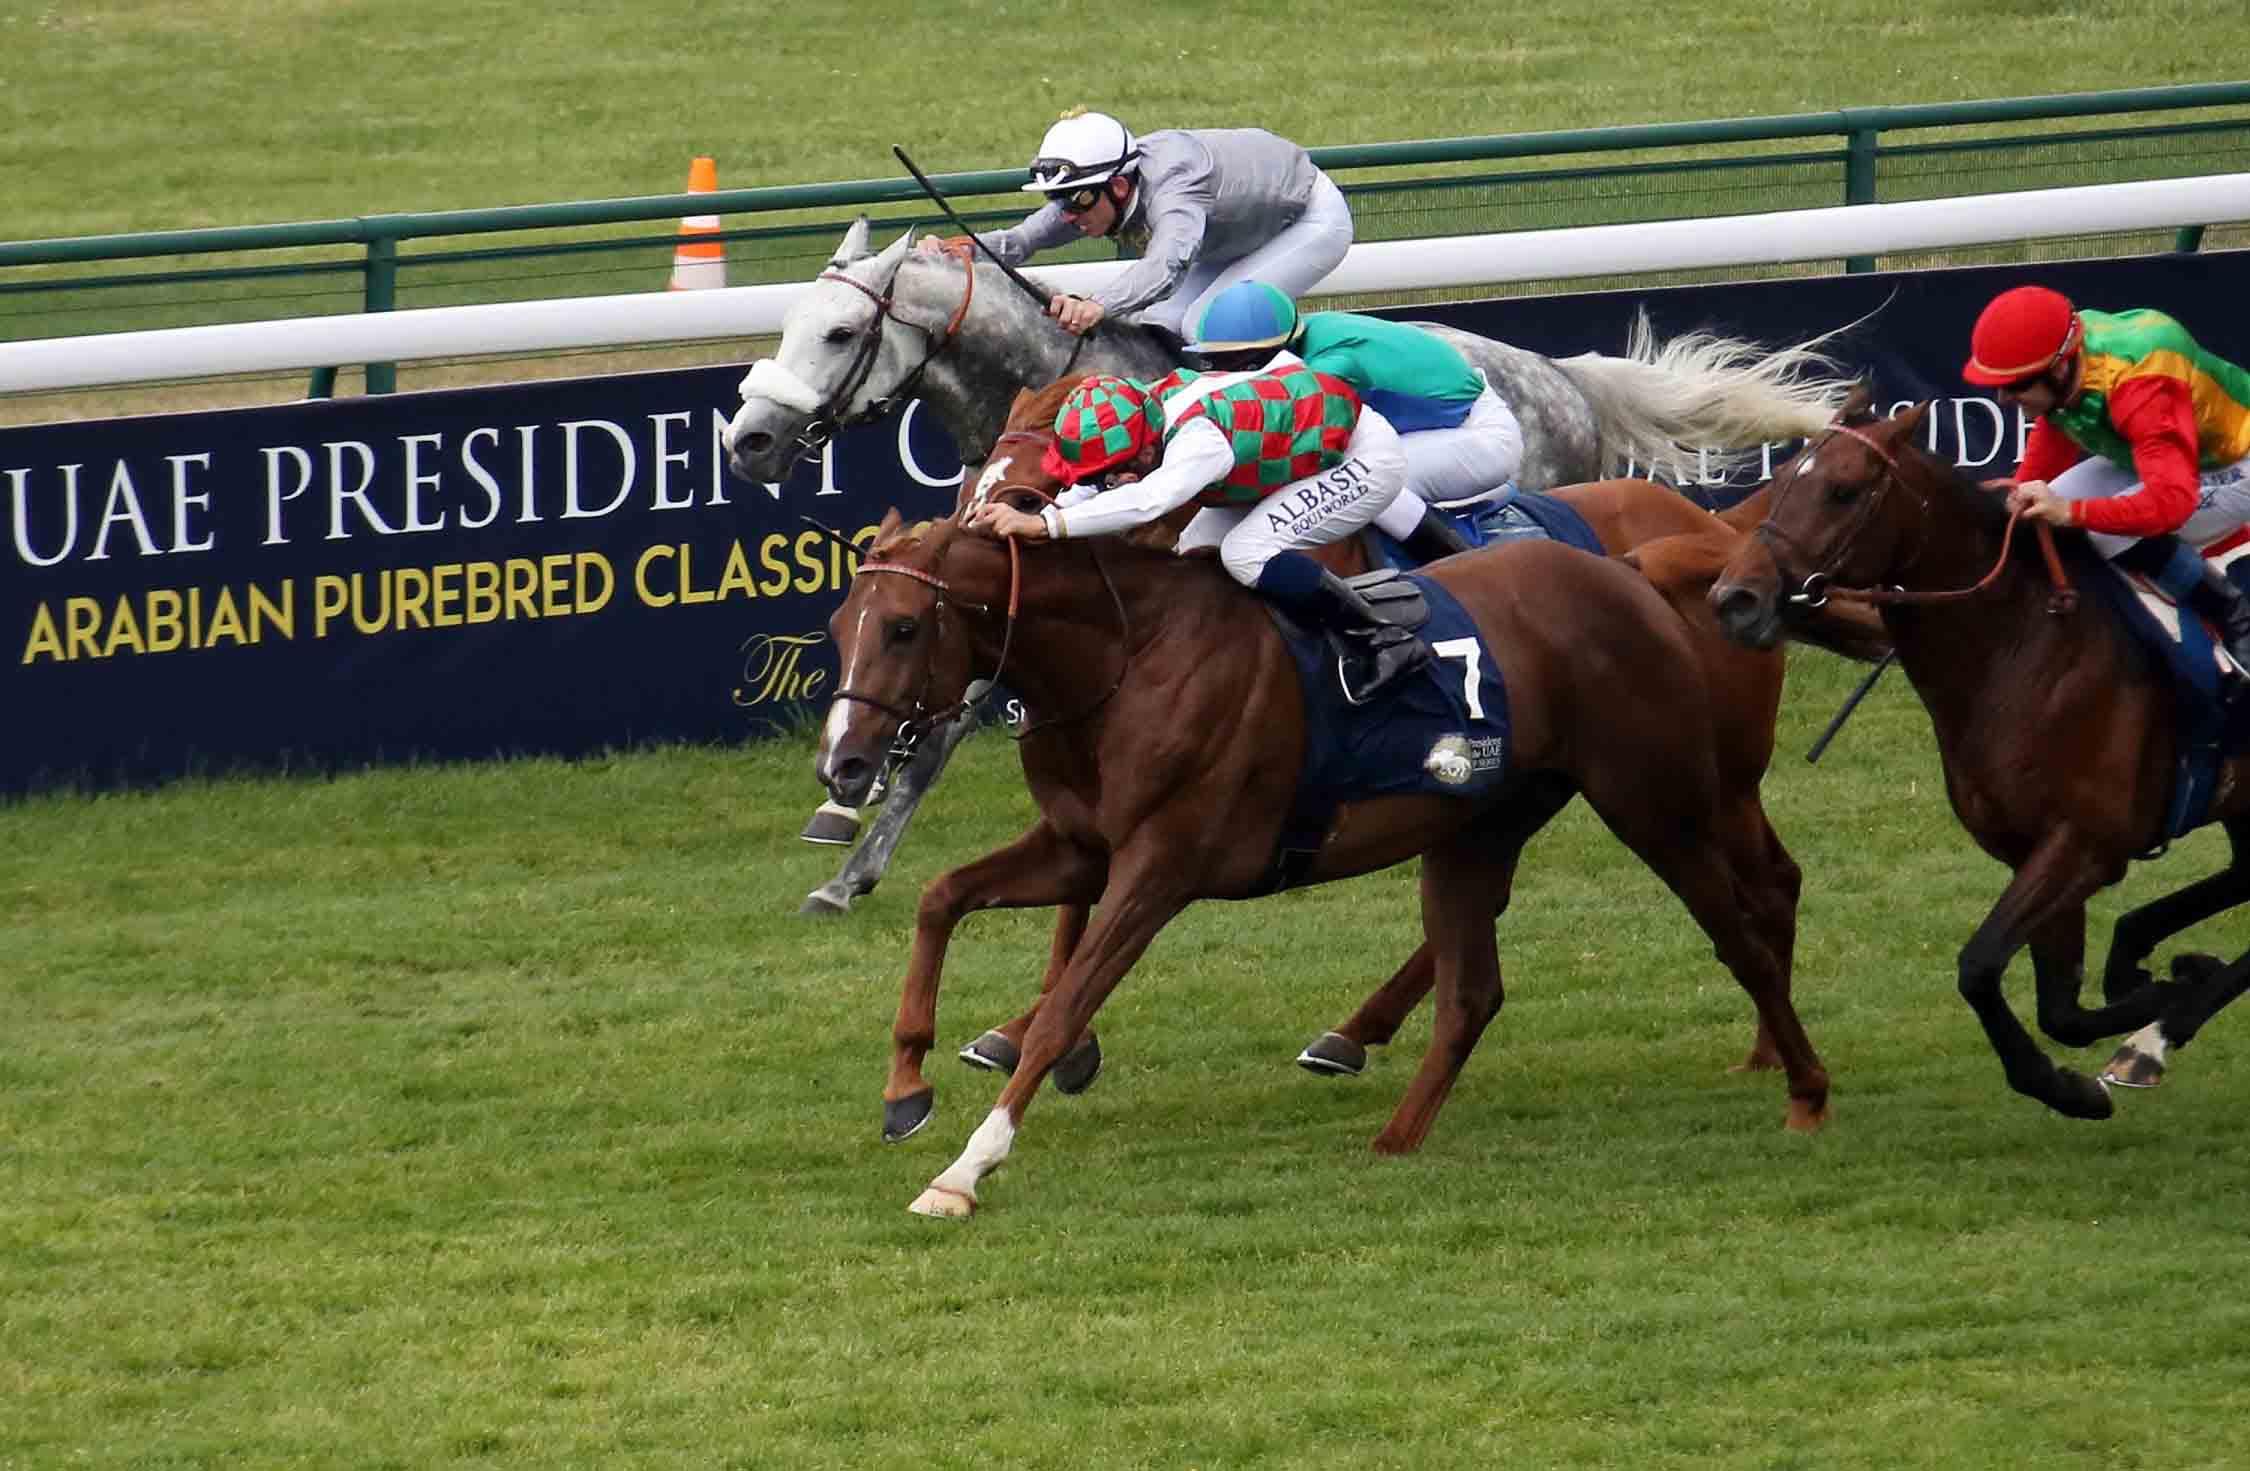 كأس رئيس الدولة للخيول العربية يبدأ أولى محطاته الأوروبية من فرنسا غدا